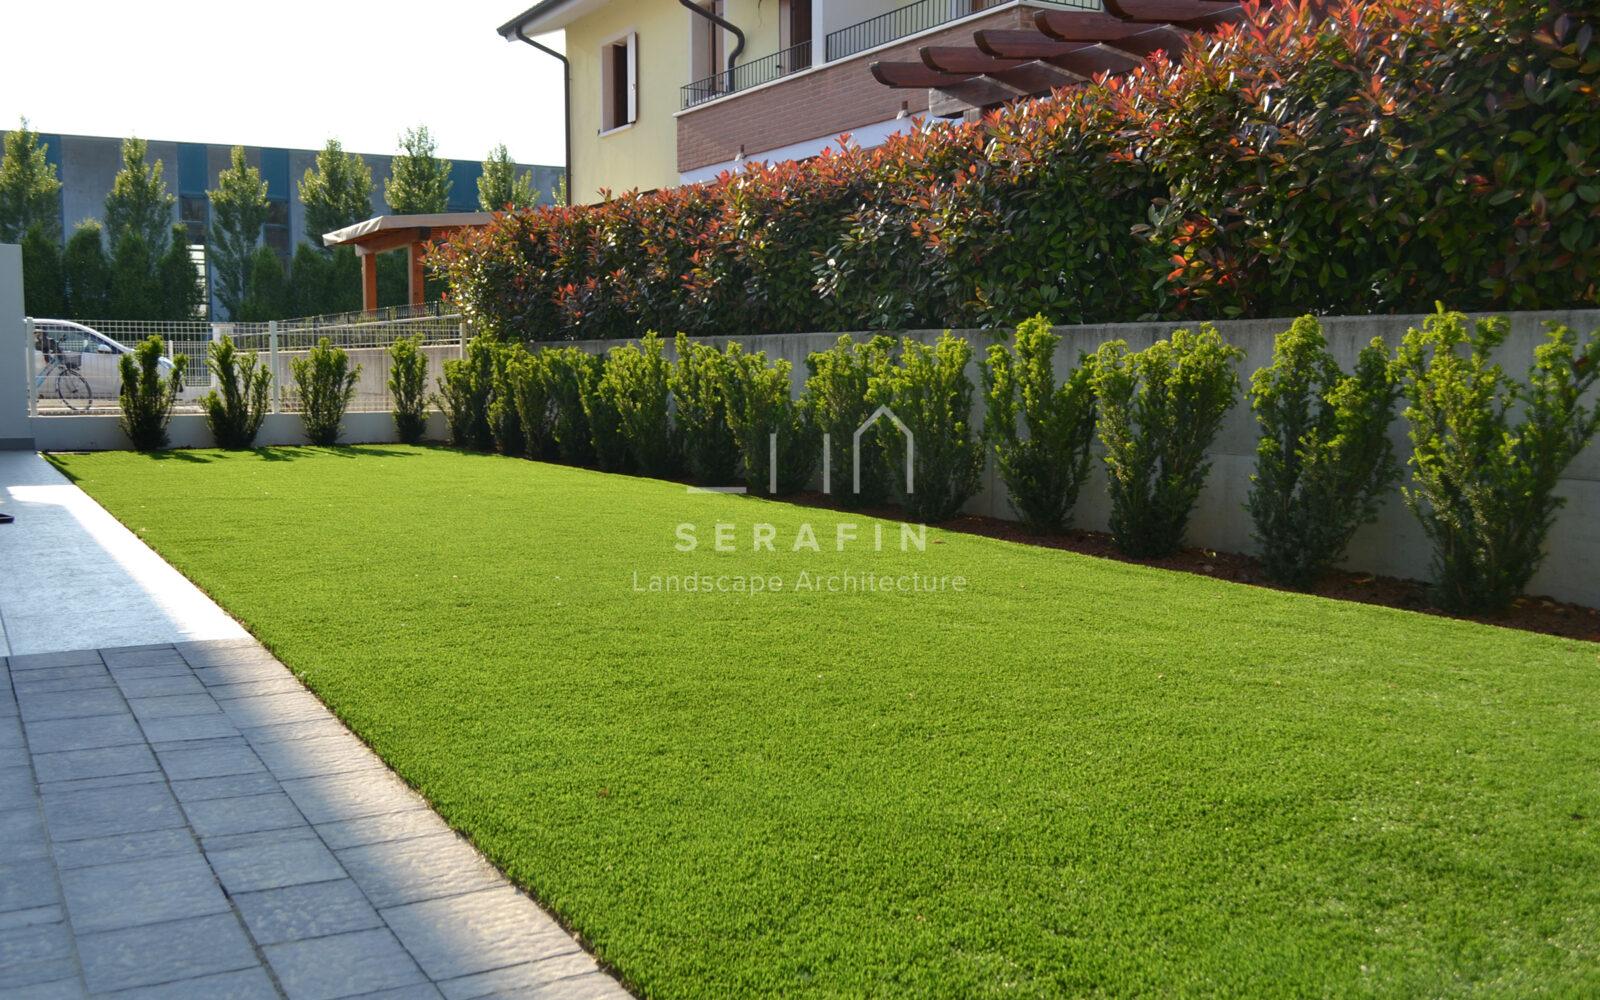 giardino privato con tappeto d'erba sintetica - 1